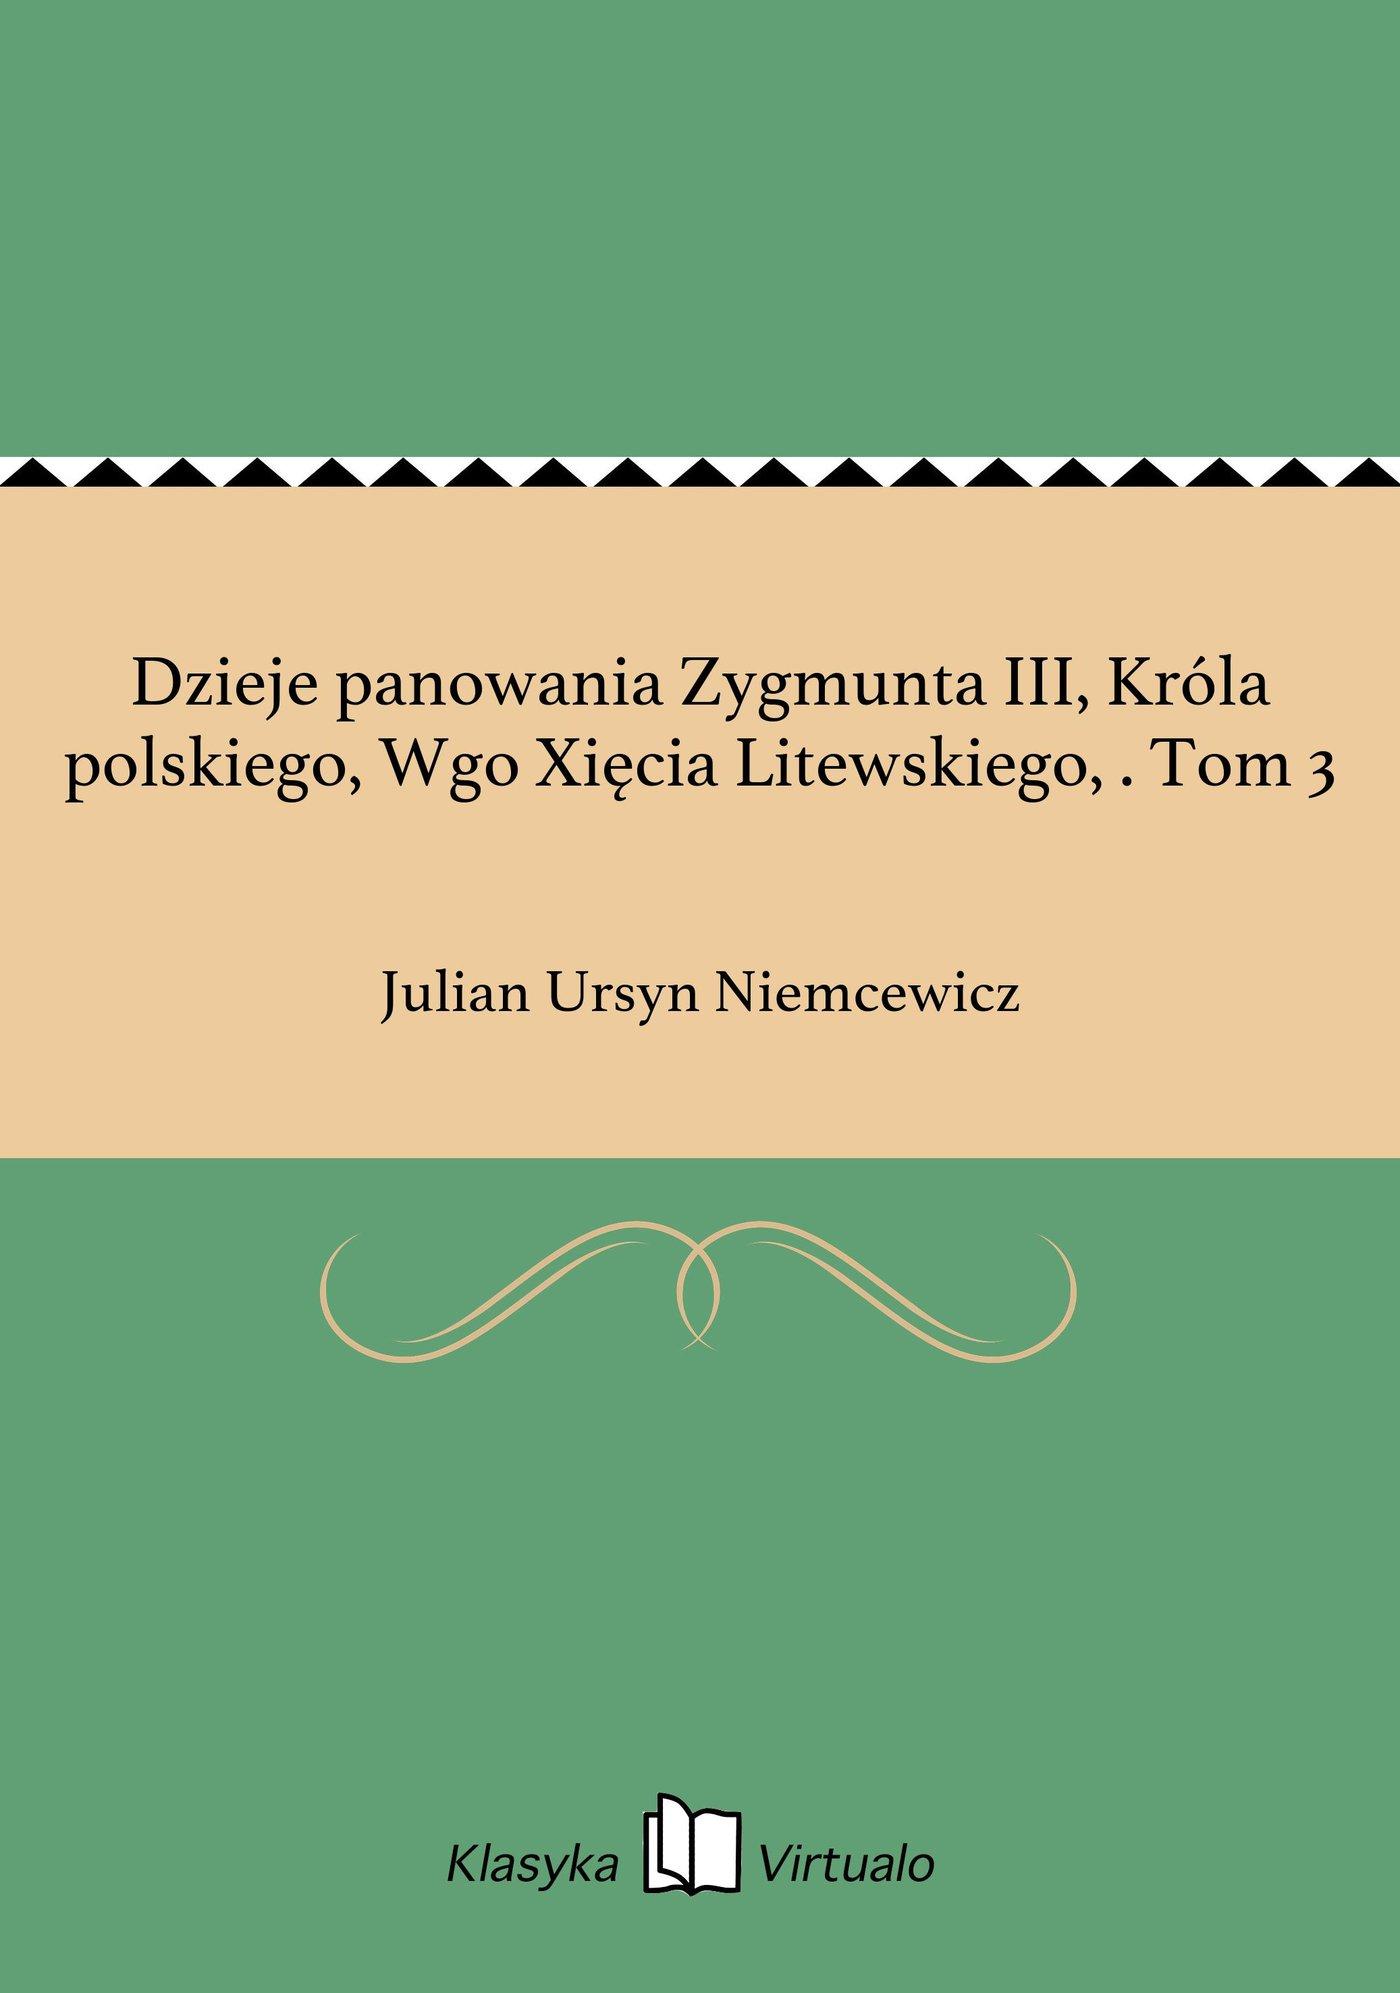 Dzieje panowania Zygmunta III, Króla polskiego, Wgo Xięcia Litewskiego, . Tom 3 - Ebook (Książka EPUB) do pobrania w formacie EPUB